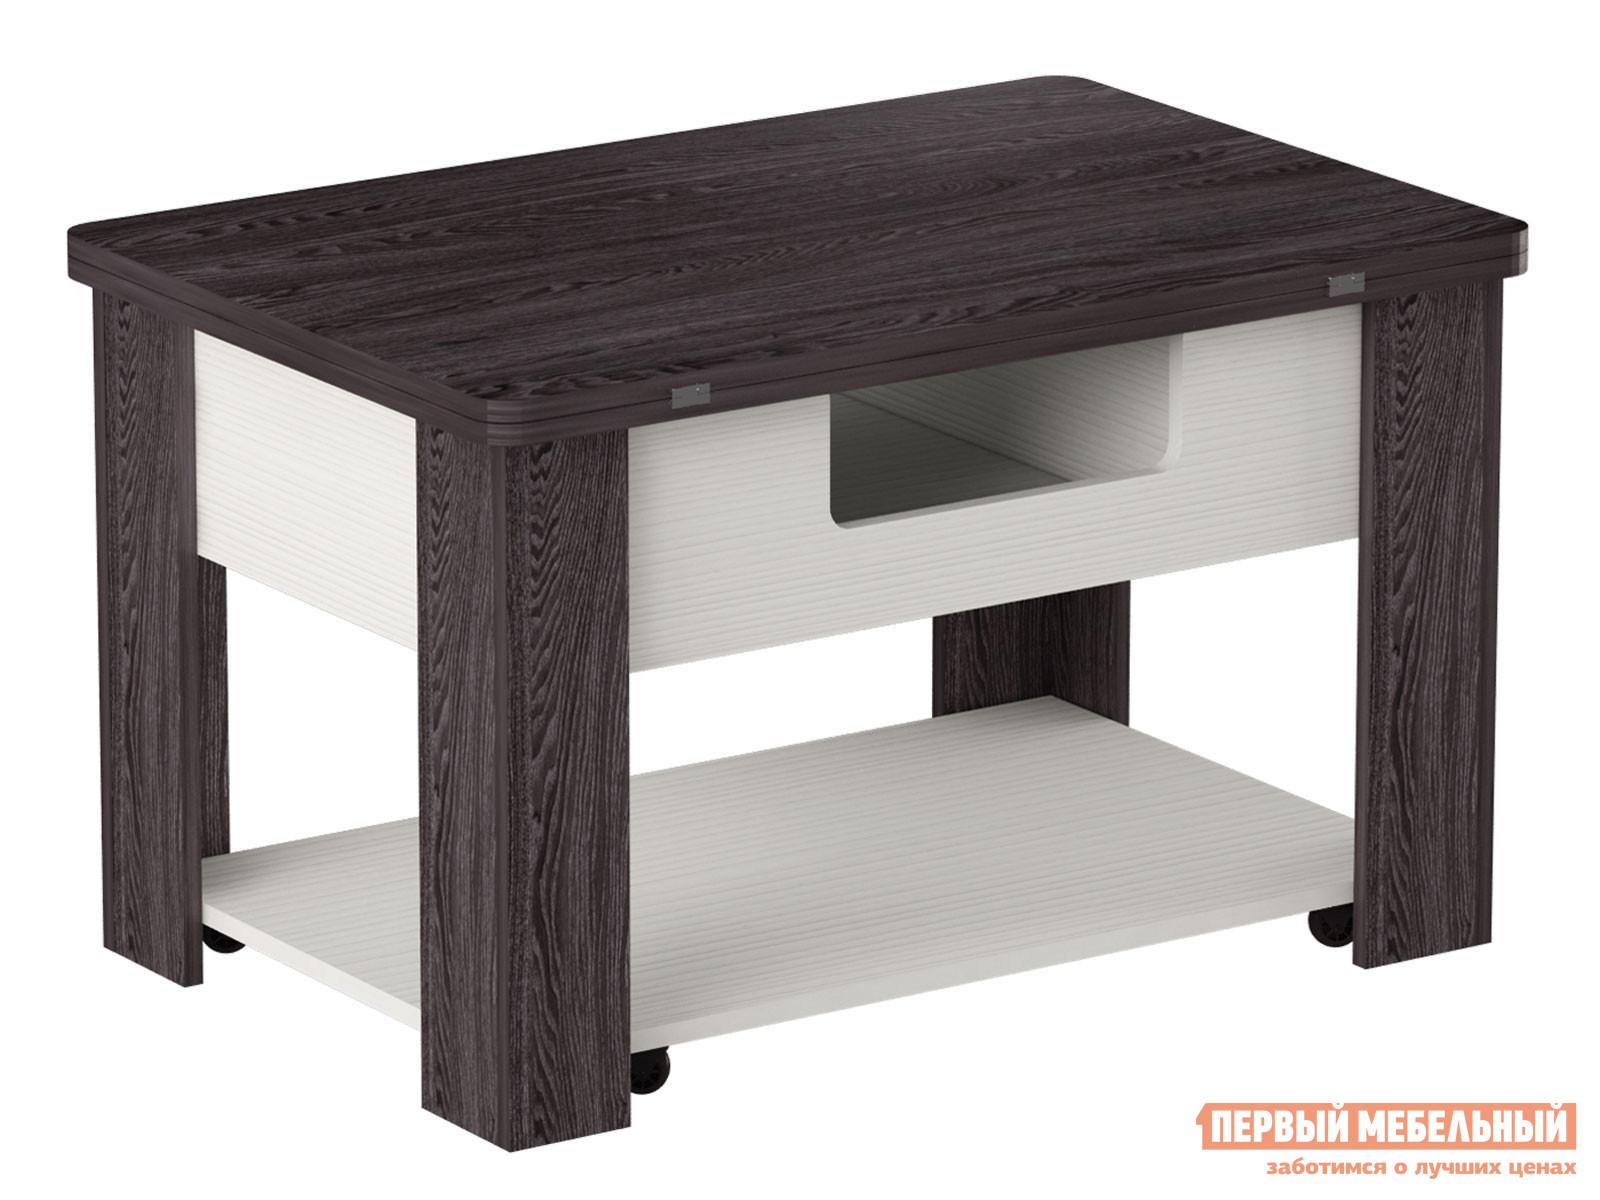 Журнальный столик-трансформер Mebwill Стол трансформер